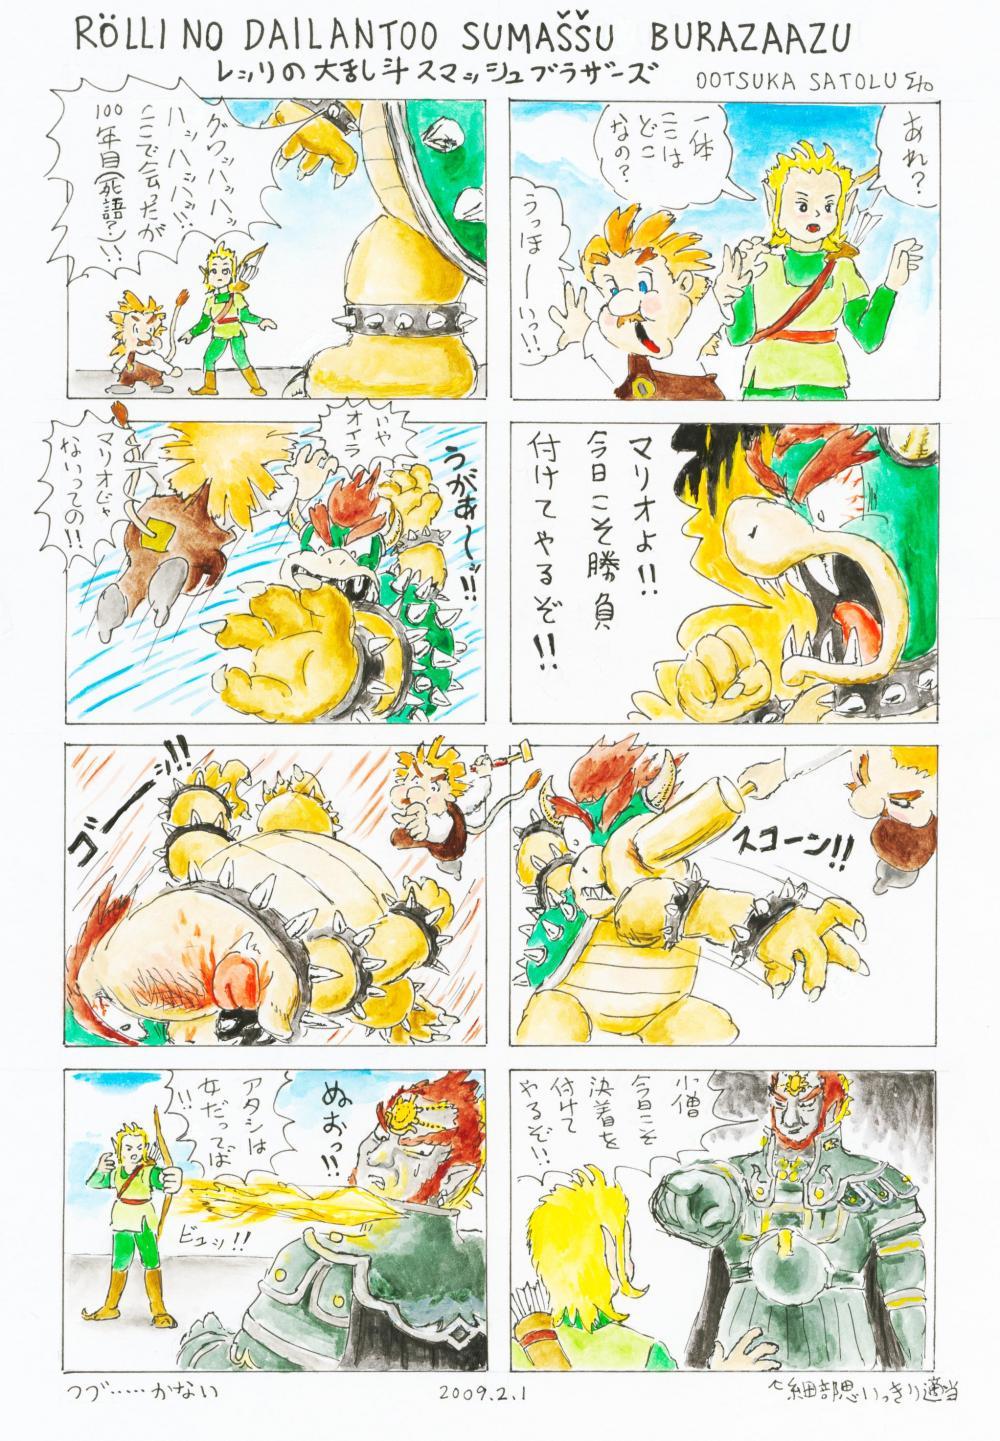 レッリの大乱闘スマッシュブラザーズ 2009.2.1